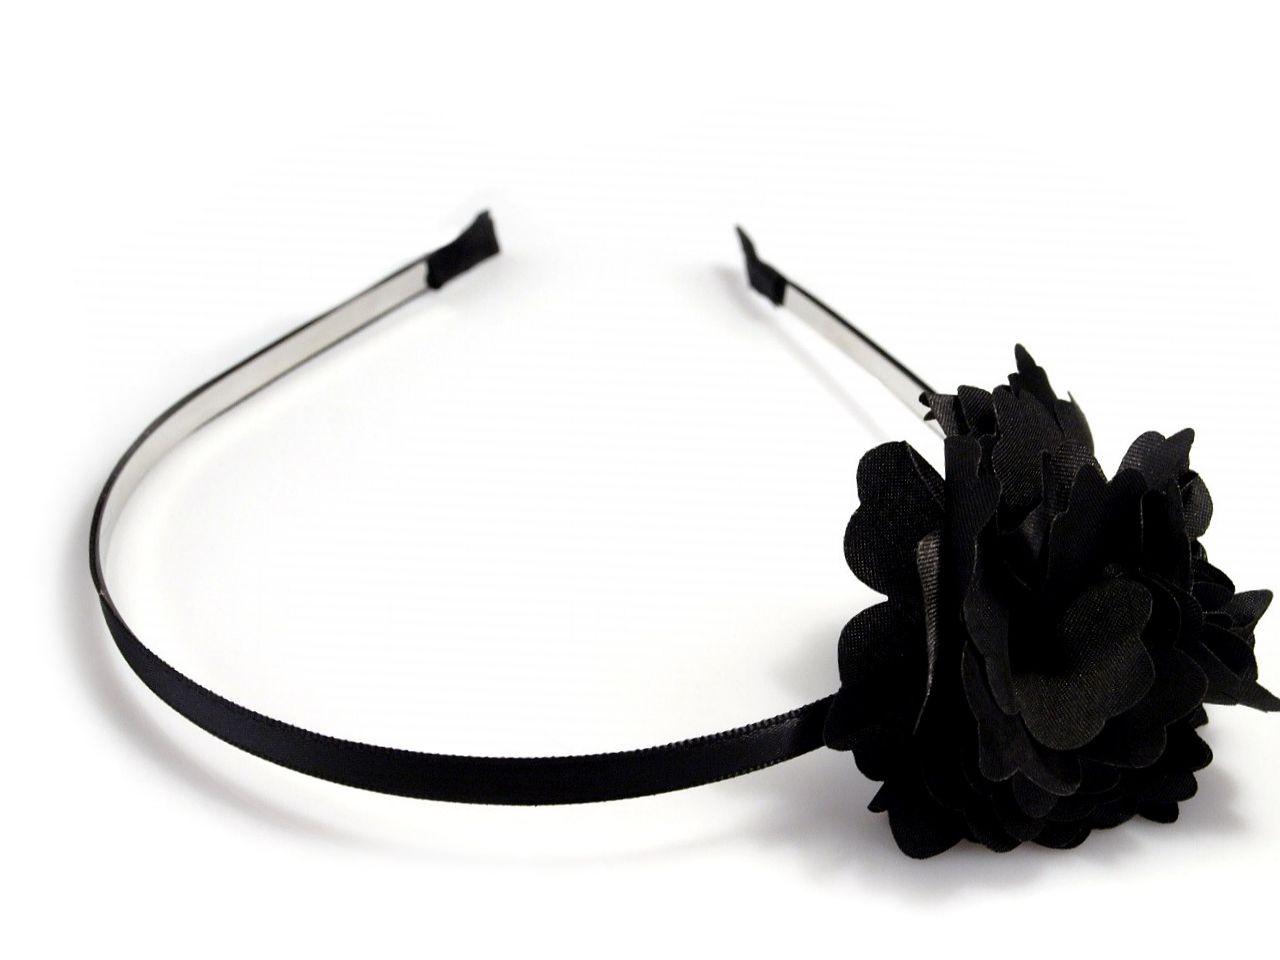 Čelenka kovová s květem Ø 50mm 36ks - 30 Kč / ks mix náhodný